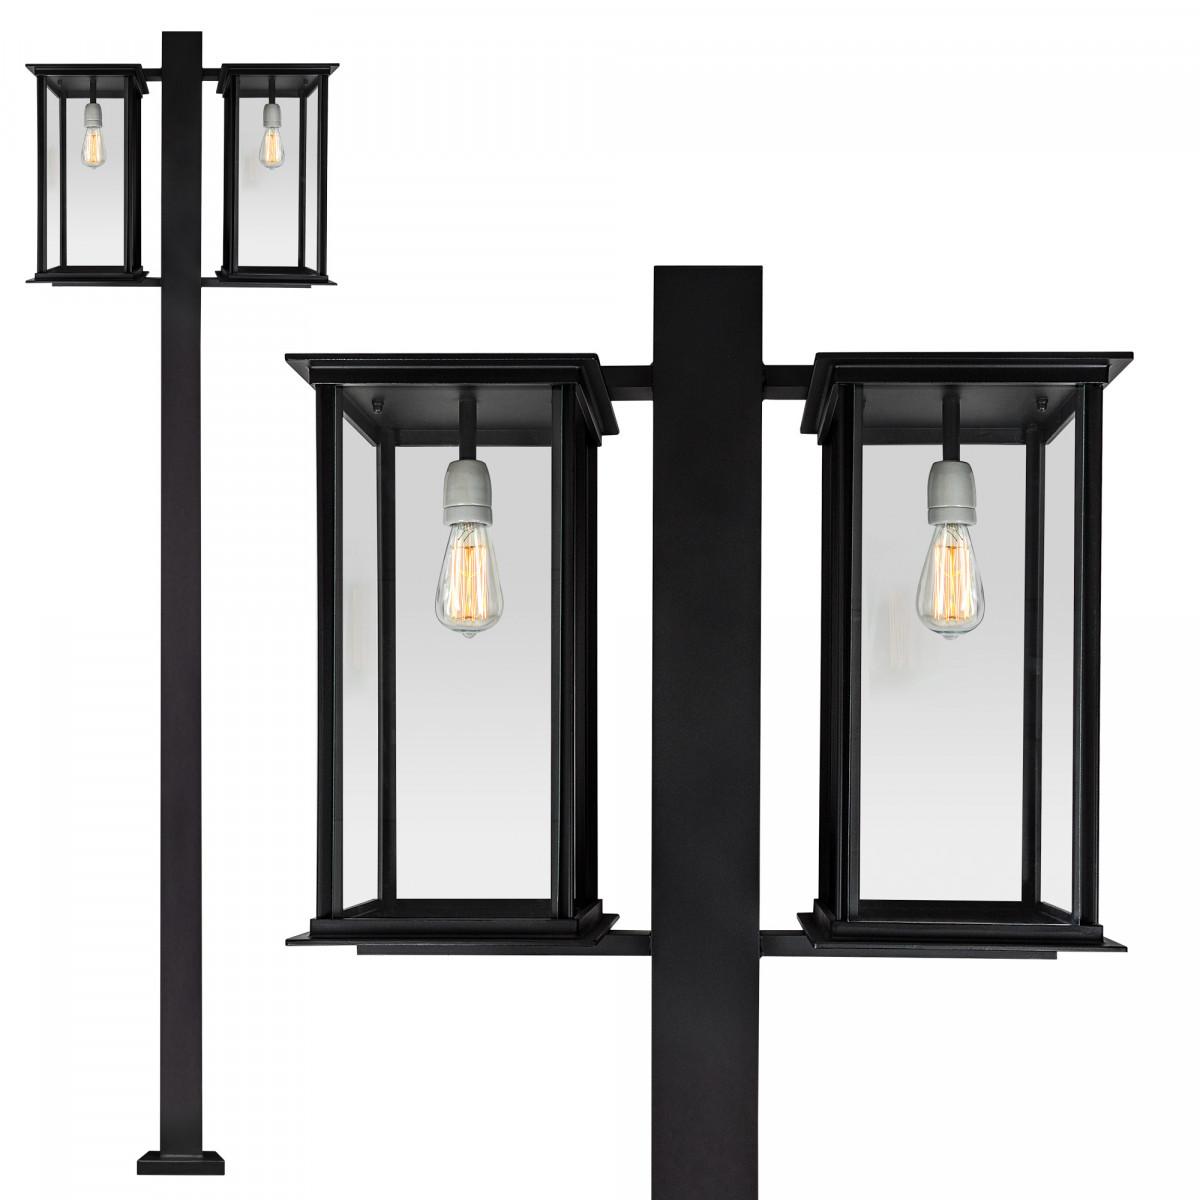 Tuinlamp Capital lantaarn 2 lichts van KS Verlichting exclusieve tuinverlichting